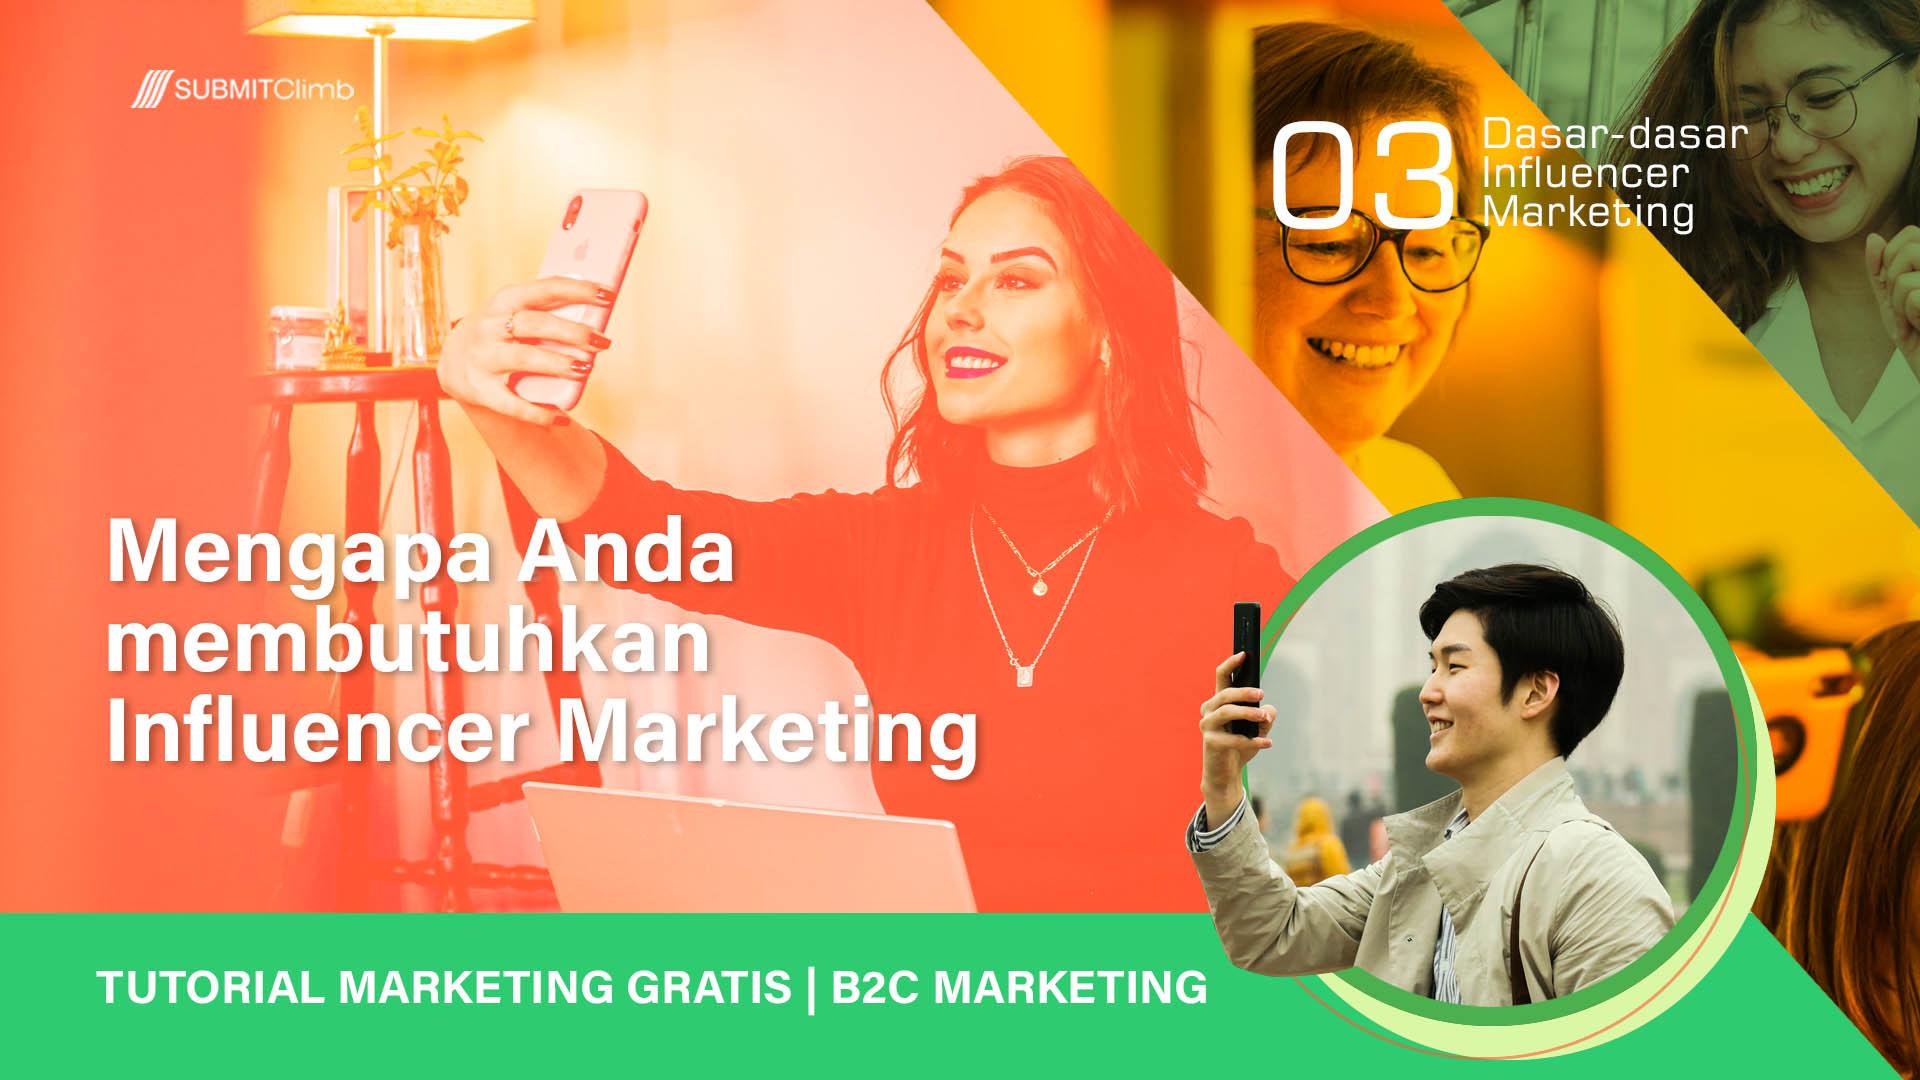 Mengapa Anda Membutuhkan Influencer Marketing